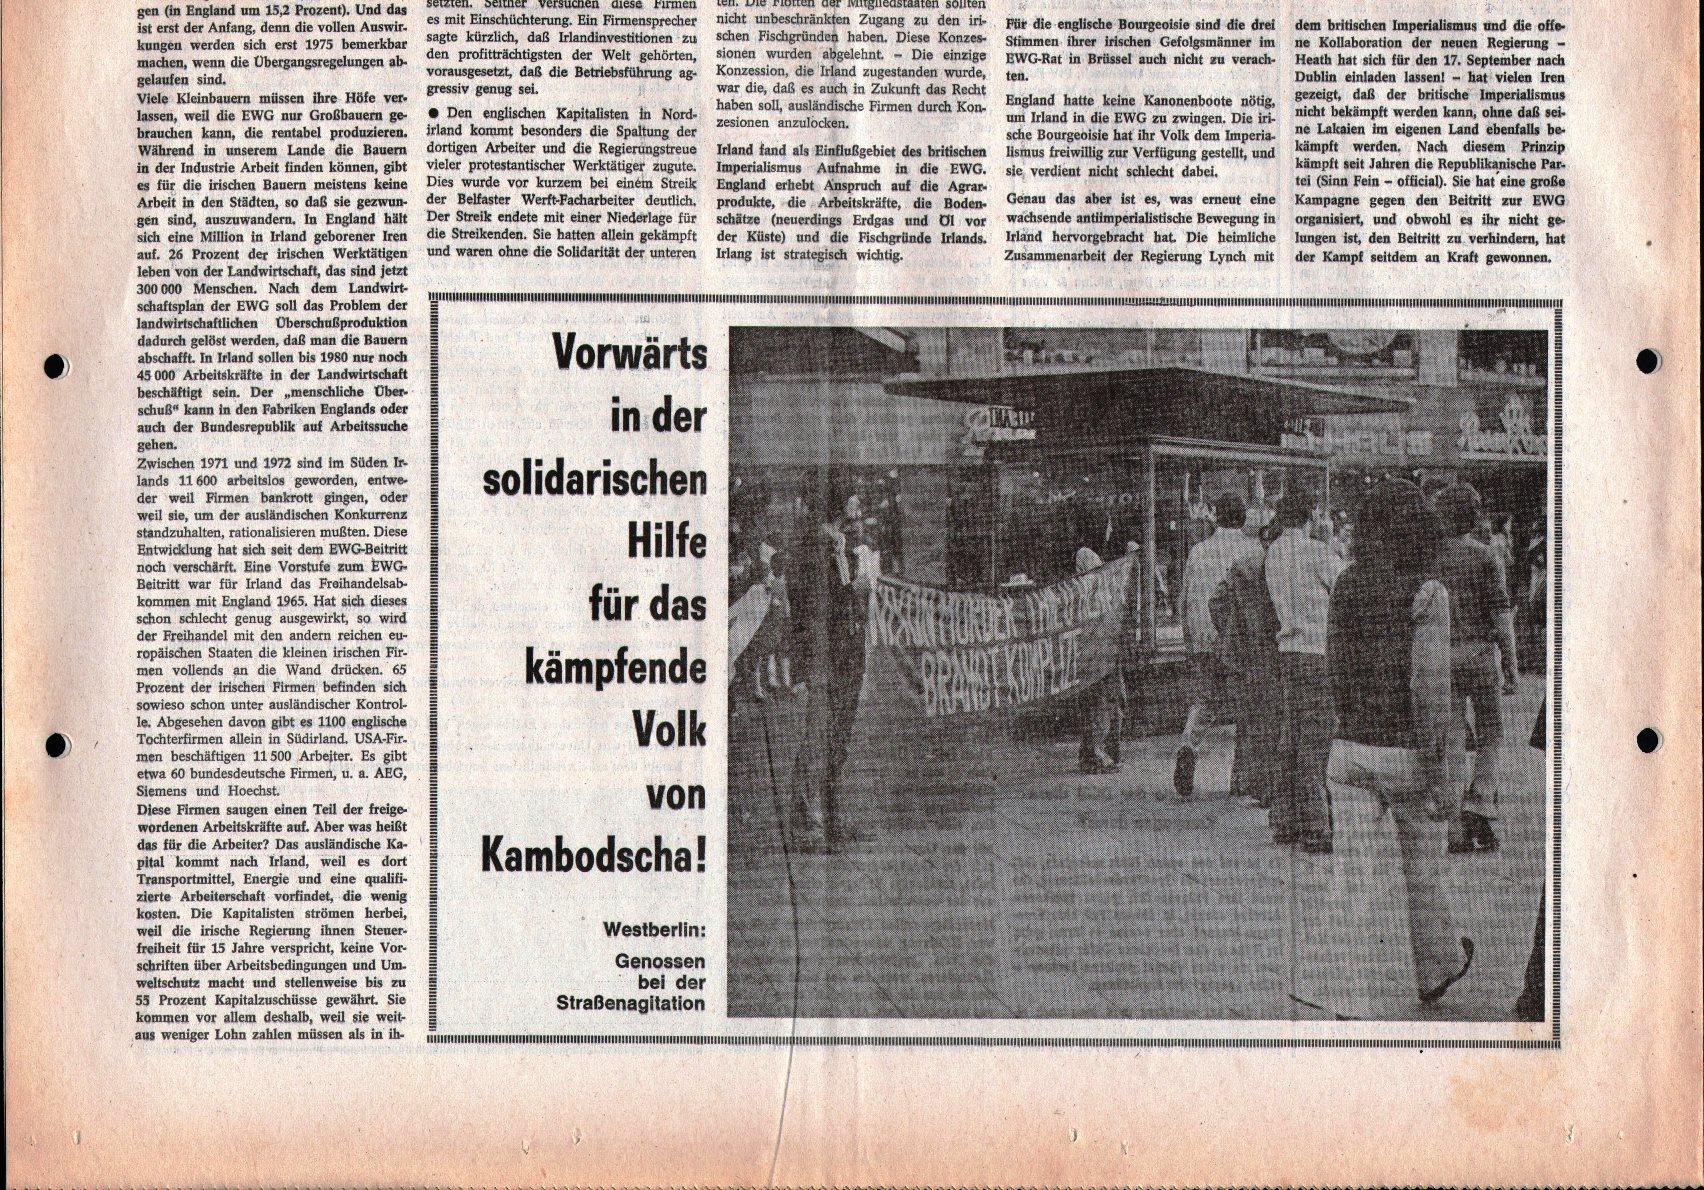 KPD_Rote_Fahne_1973_37_12